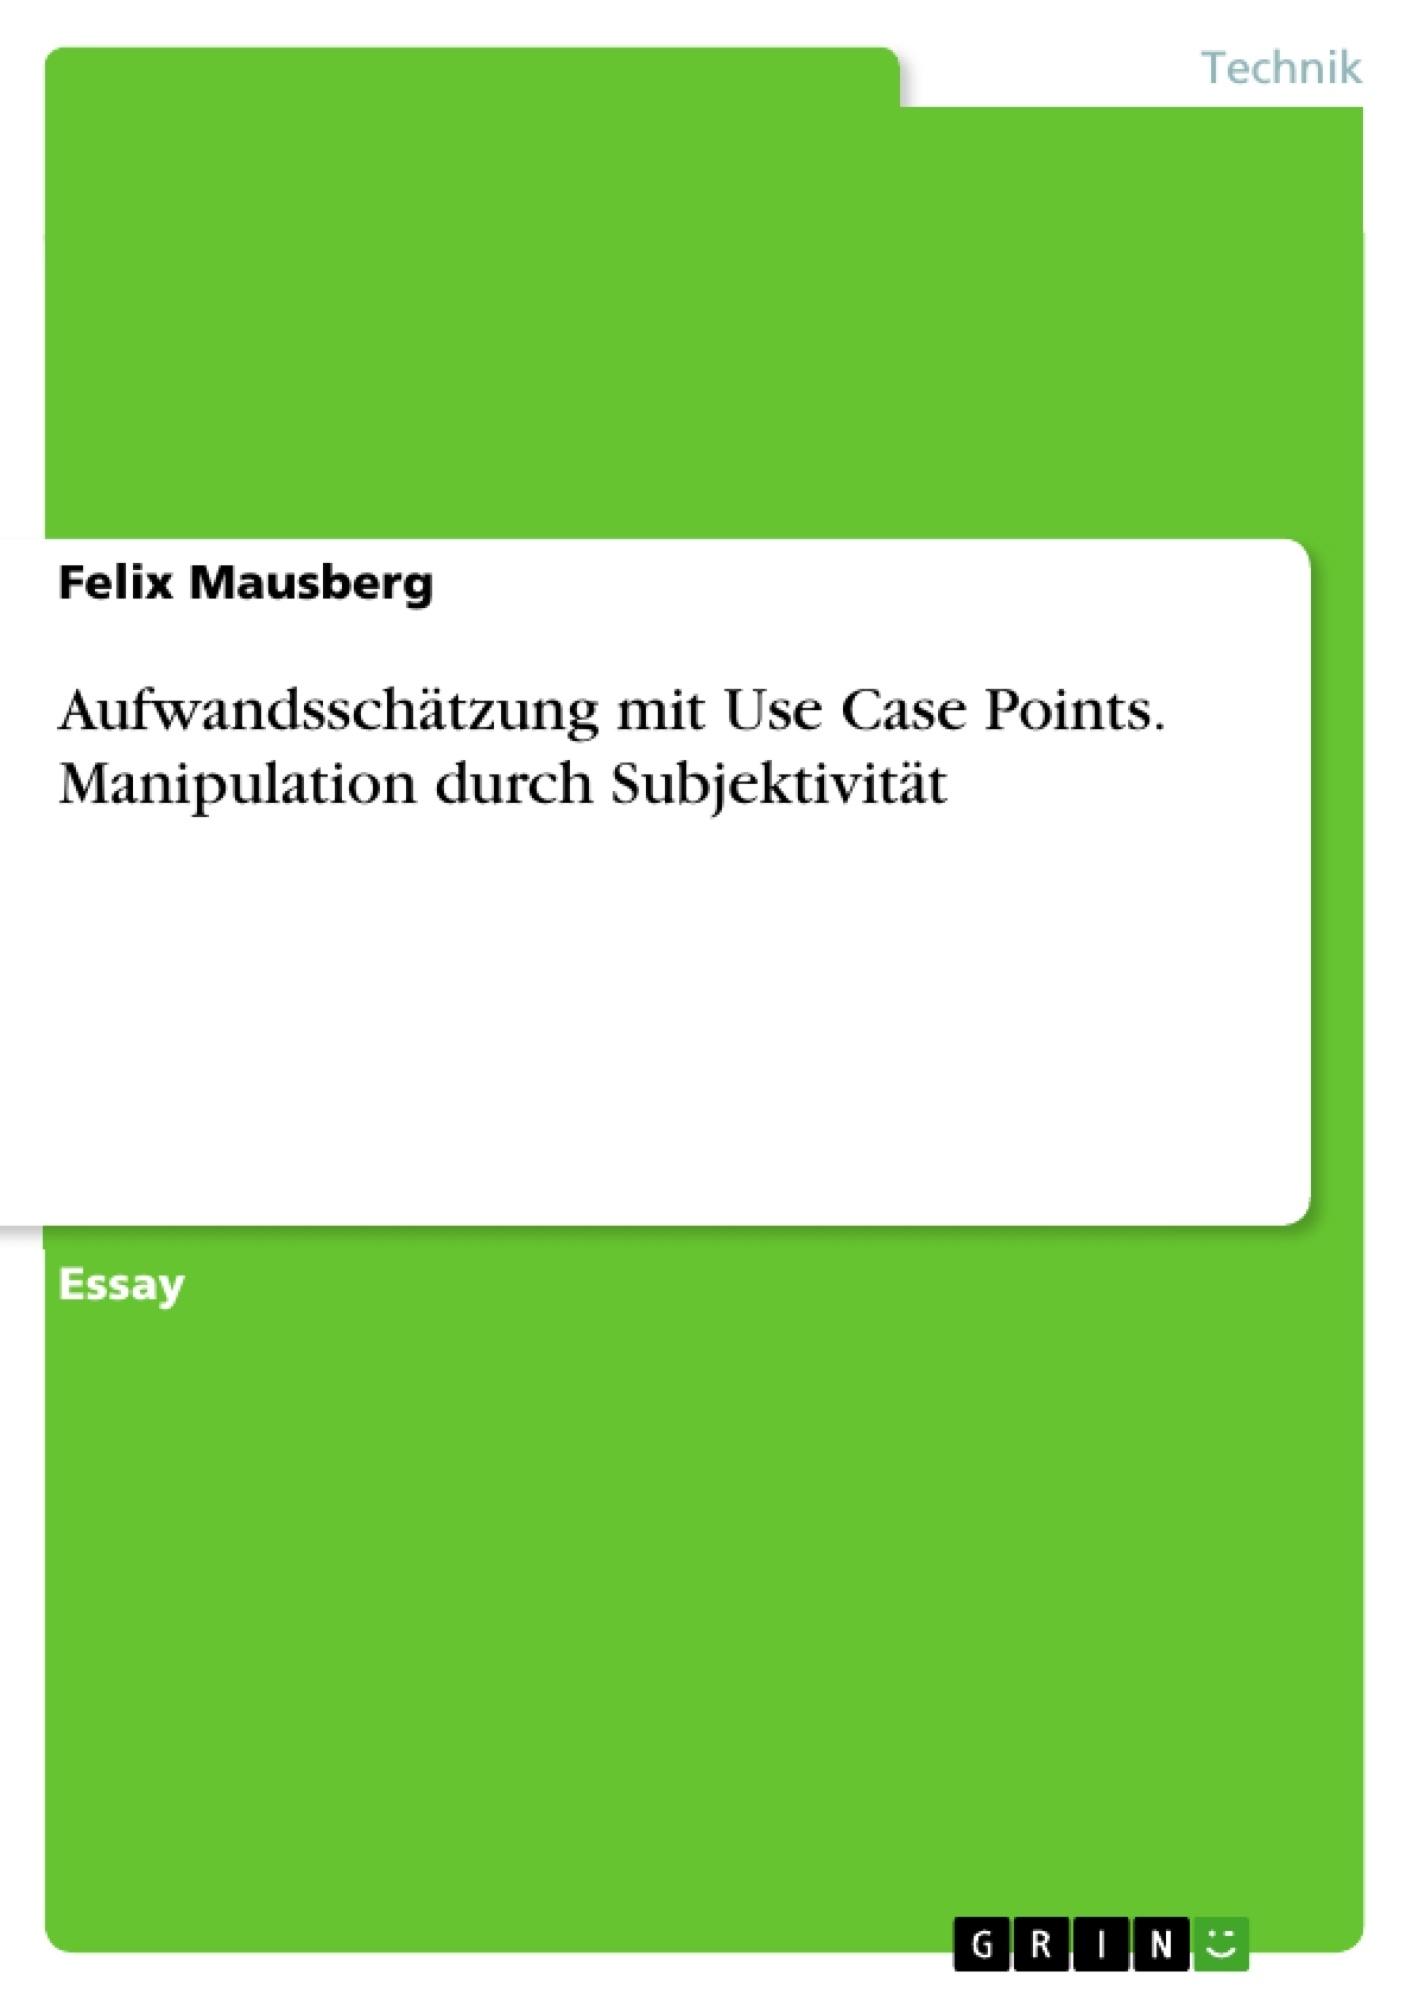 Titel: Aufwandsschätzung mit Use Case Points. Manipulation durch Subjektivität